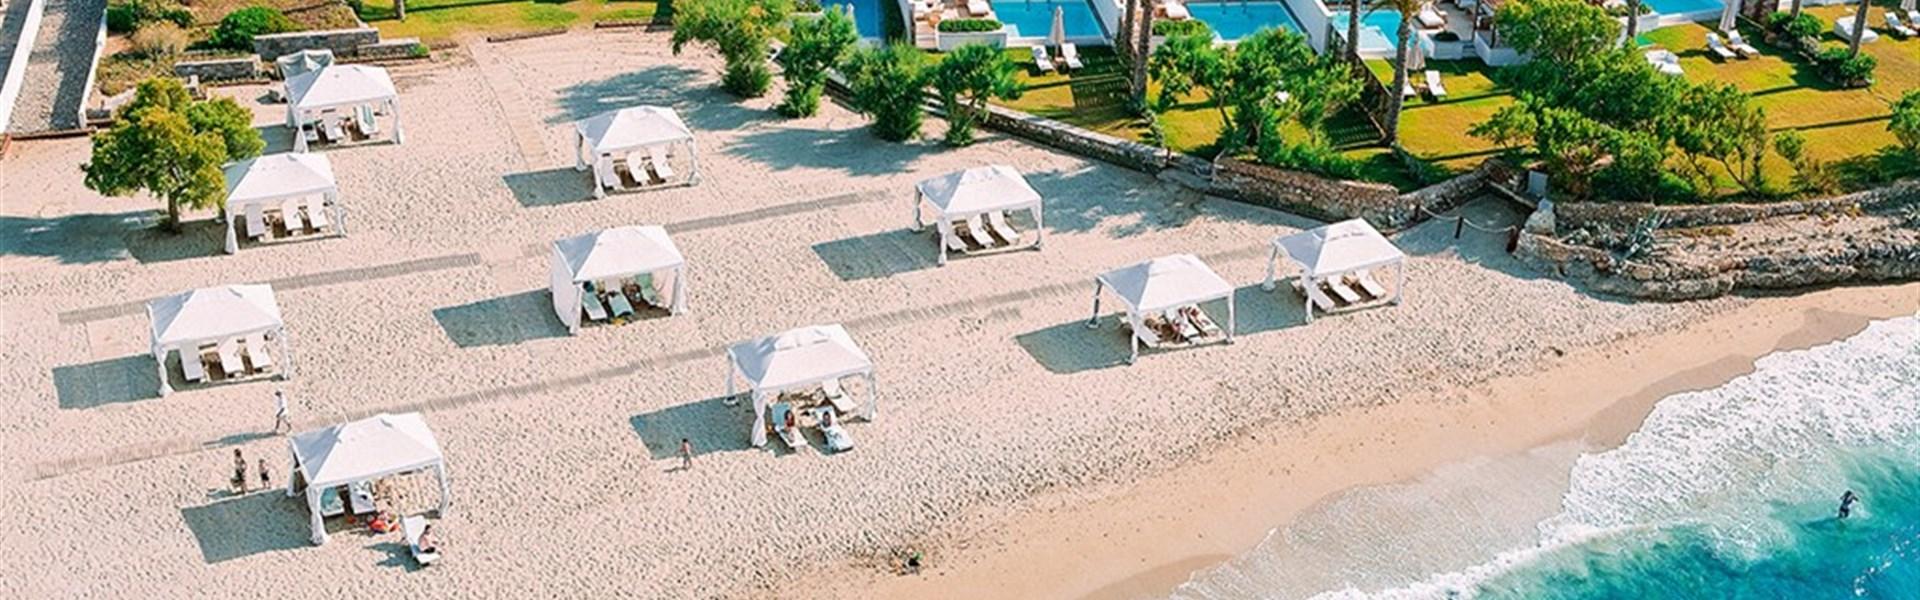 Grecotel Amirandes 5* - vily na pláži